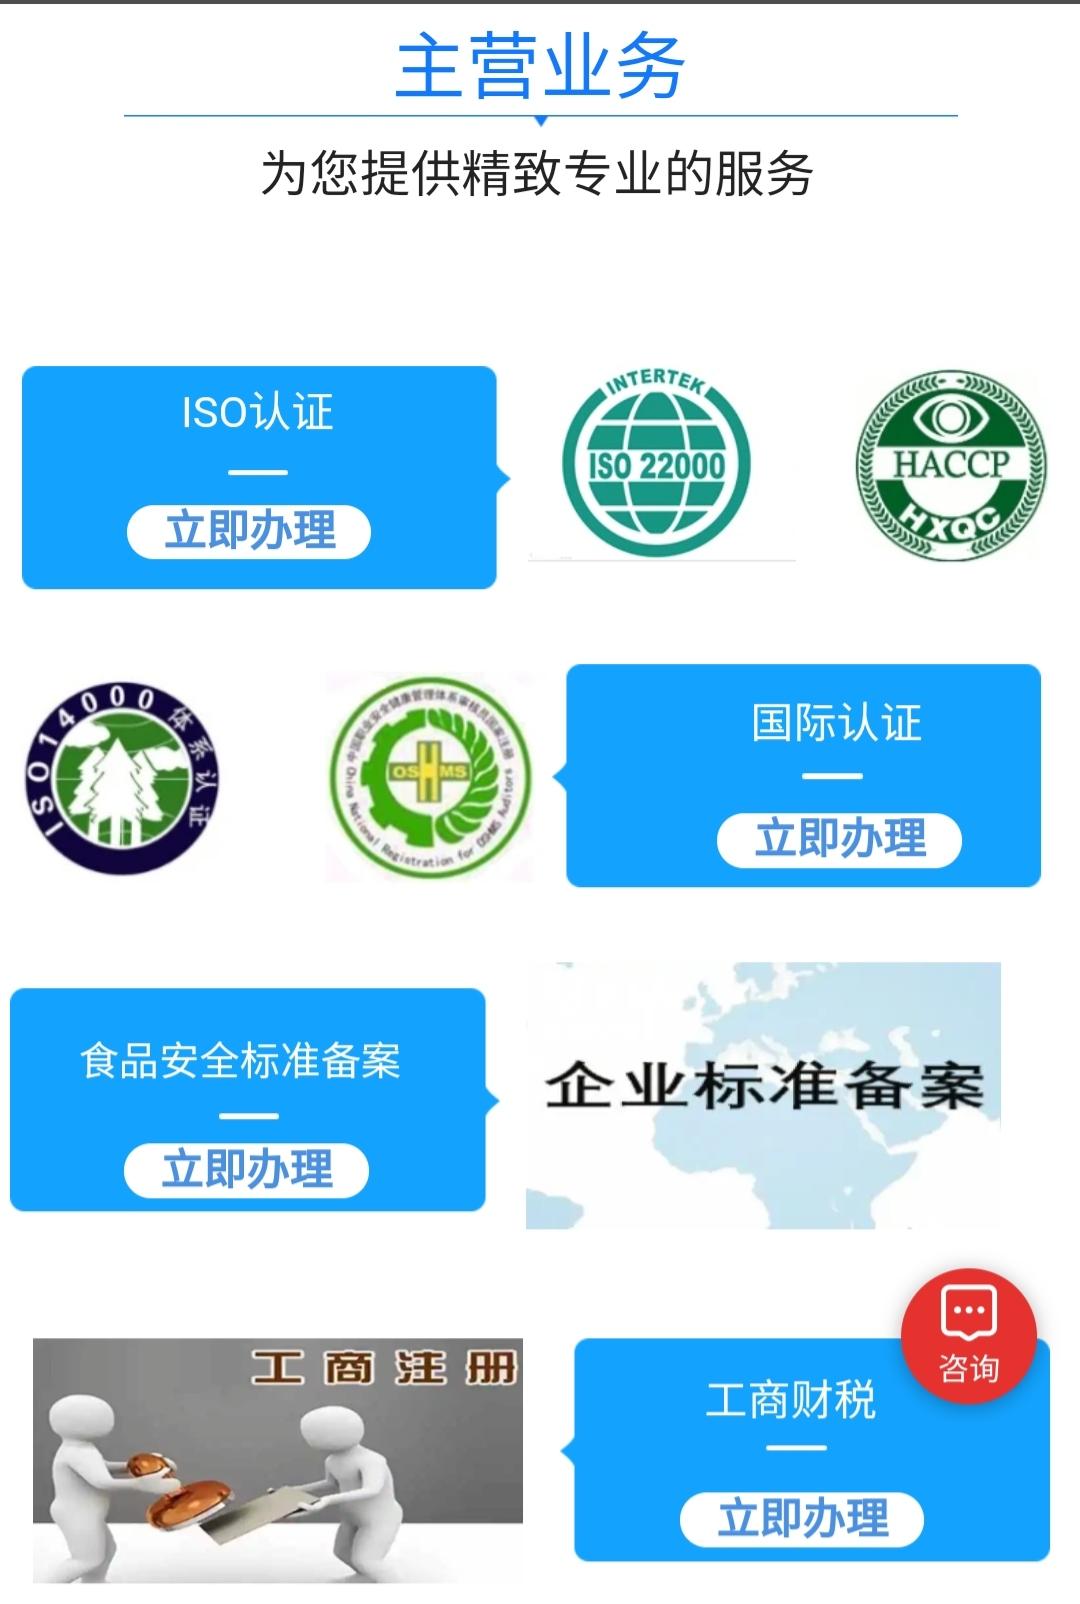 陕西西安专业认证公司